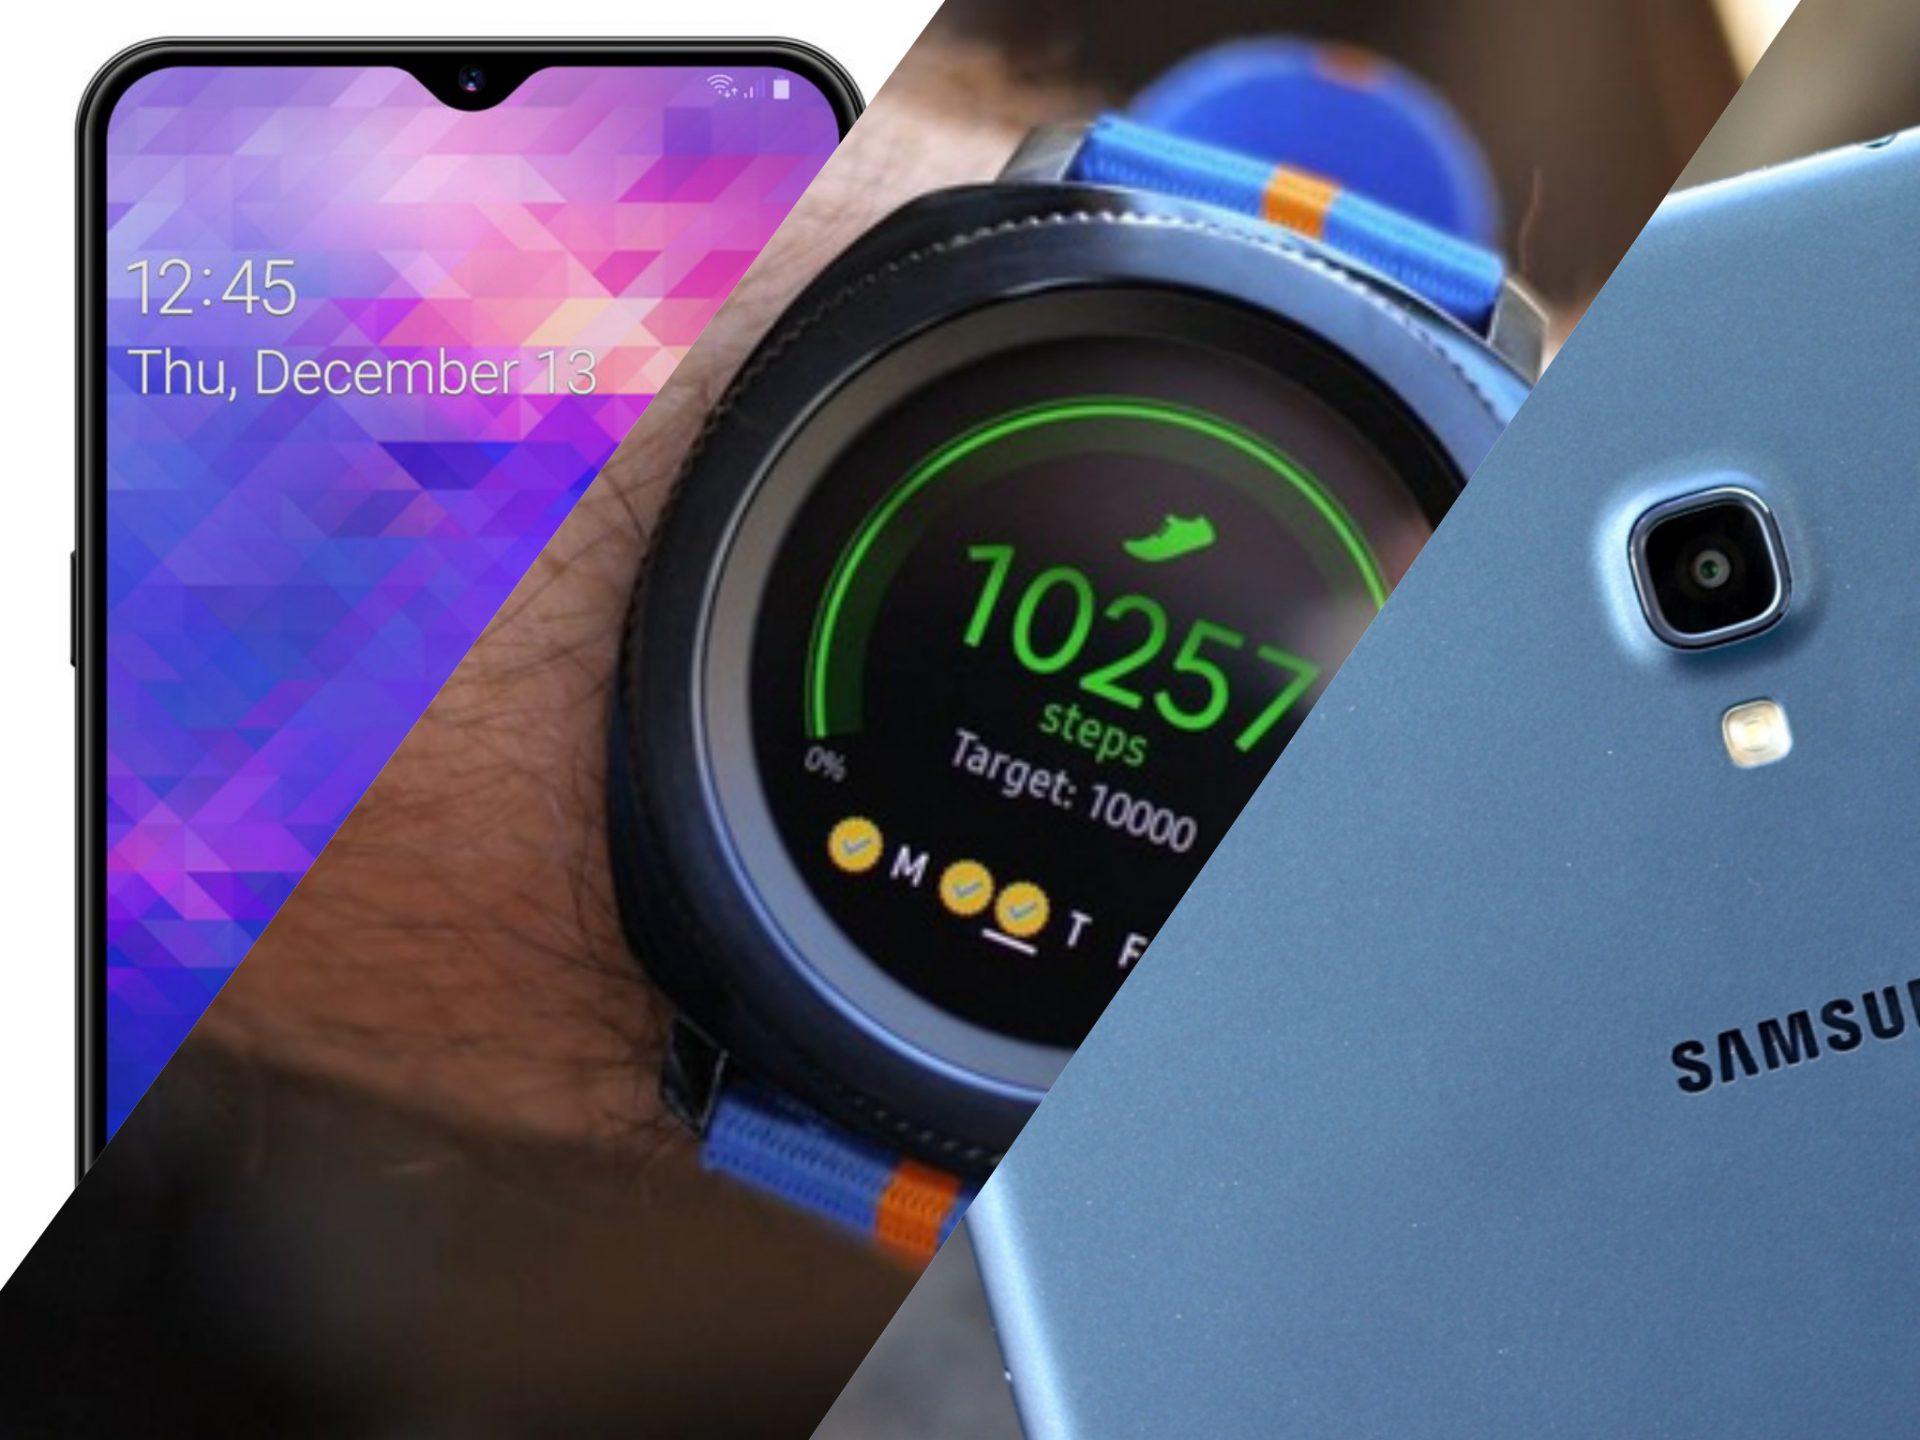 Loạt sản phẩm điện thoại, máy tính bảng, đồng hồ thông minh mới của Samsung chuẩn bị ra mắt 2019 lộ diện